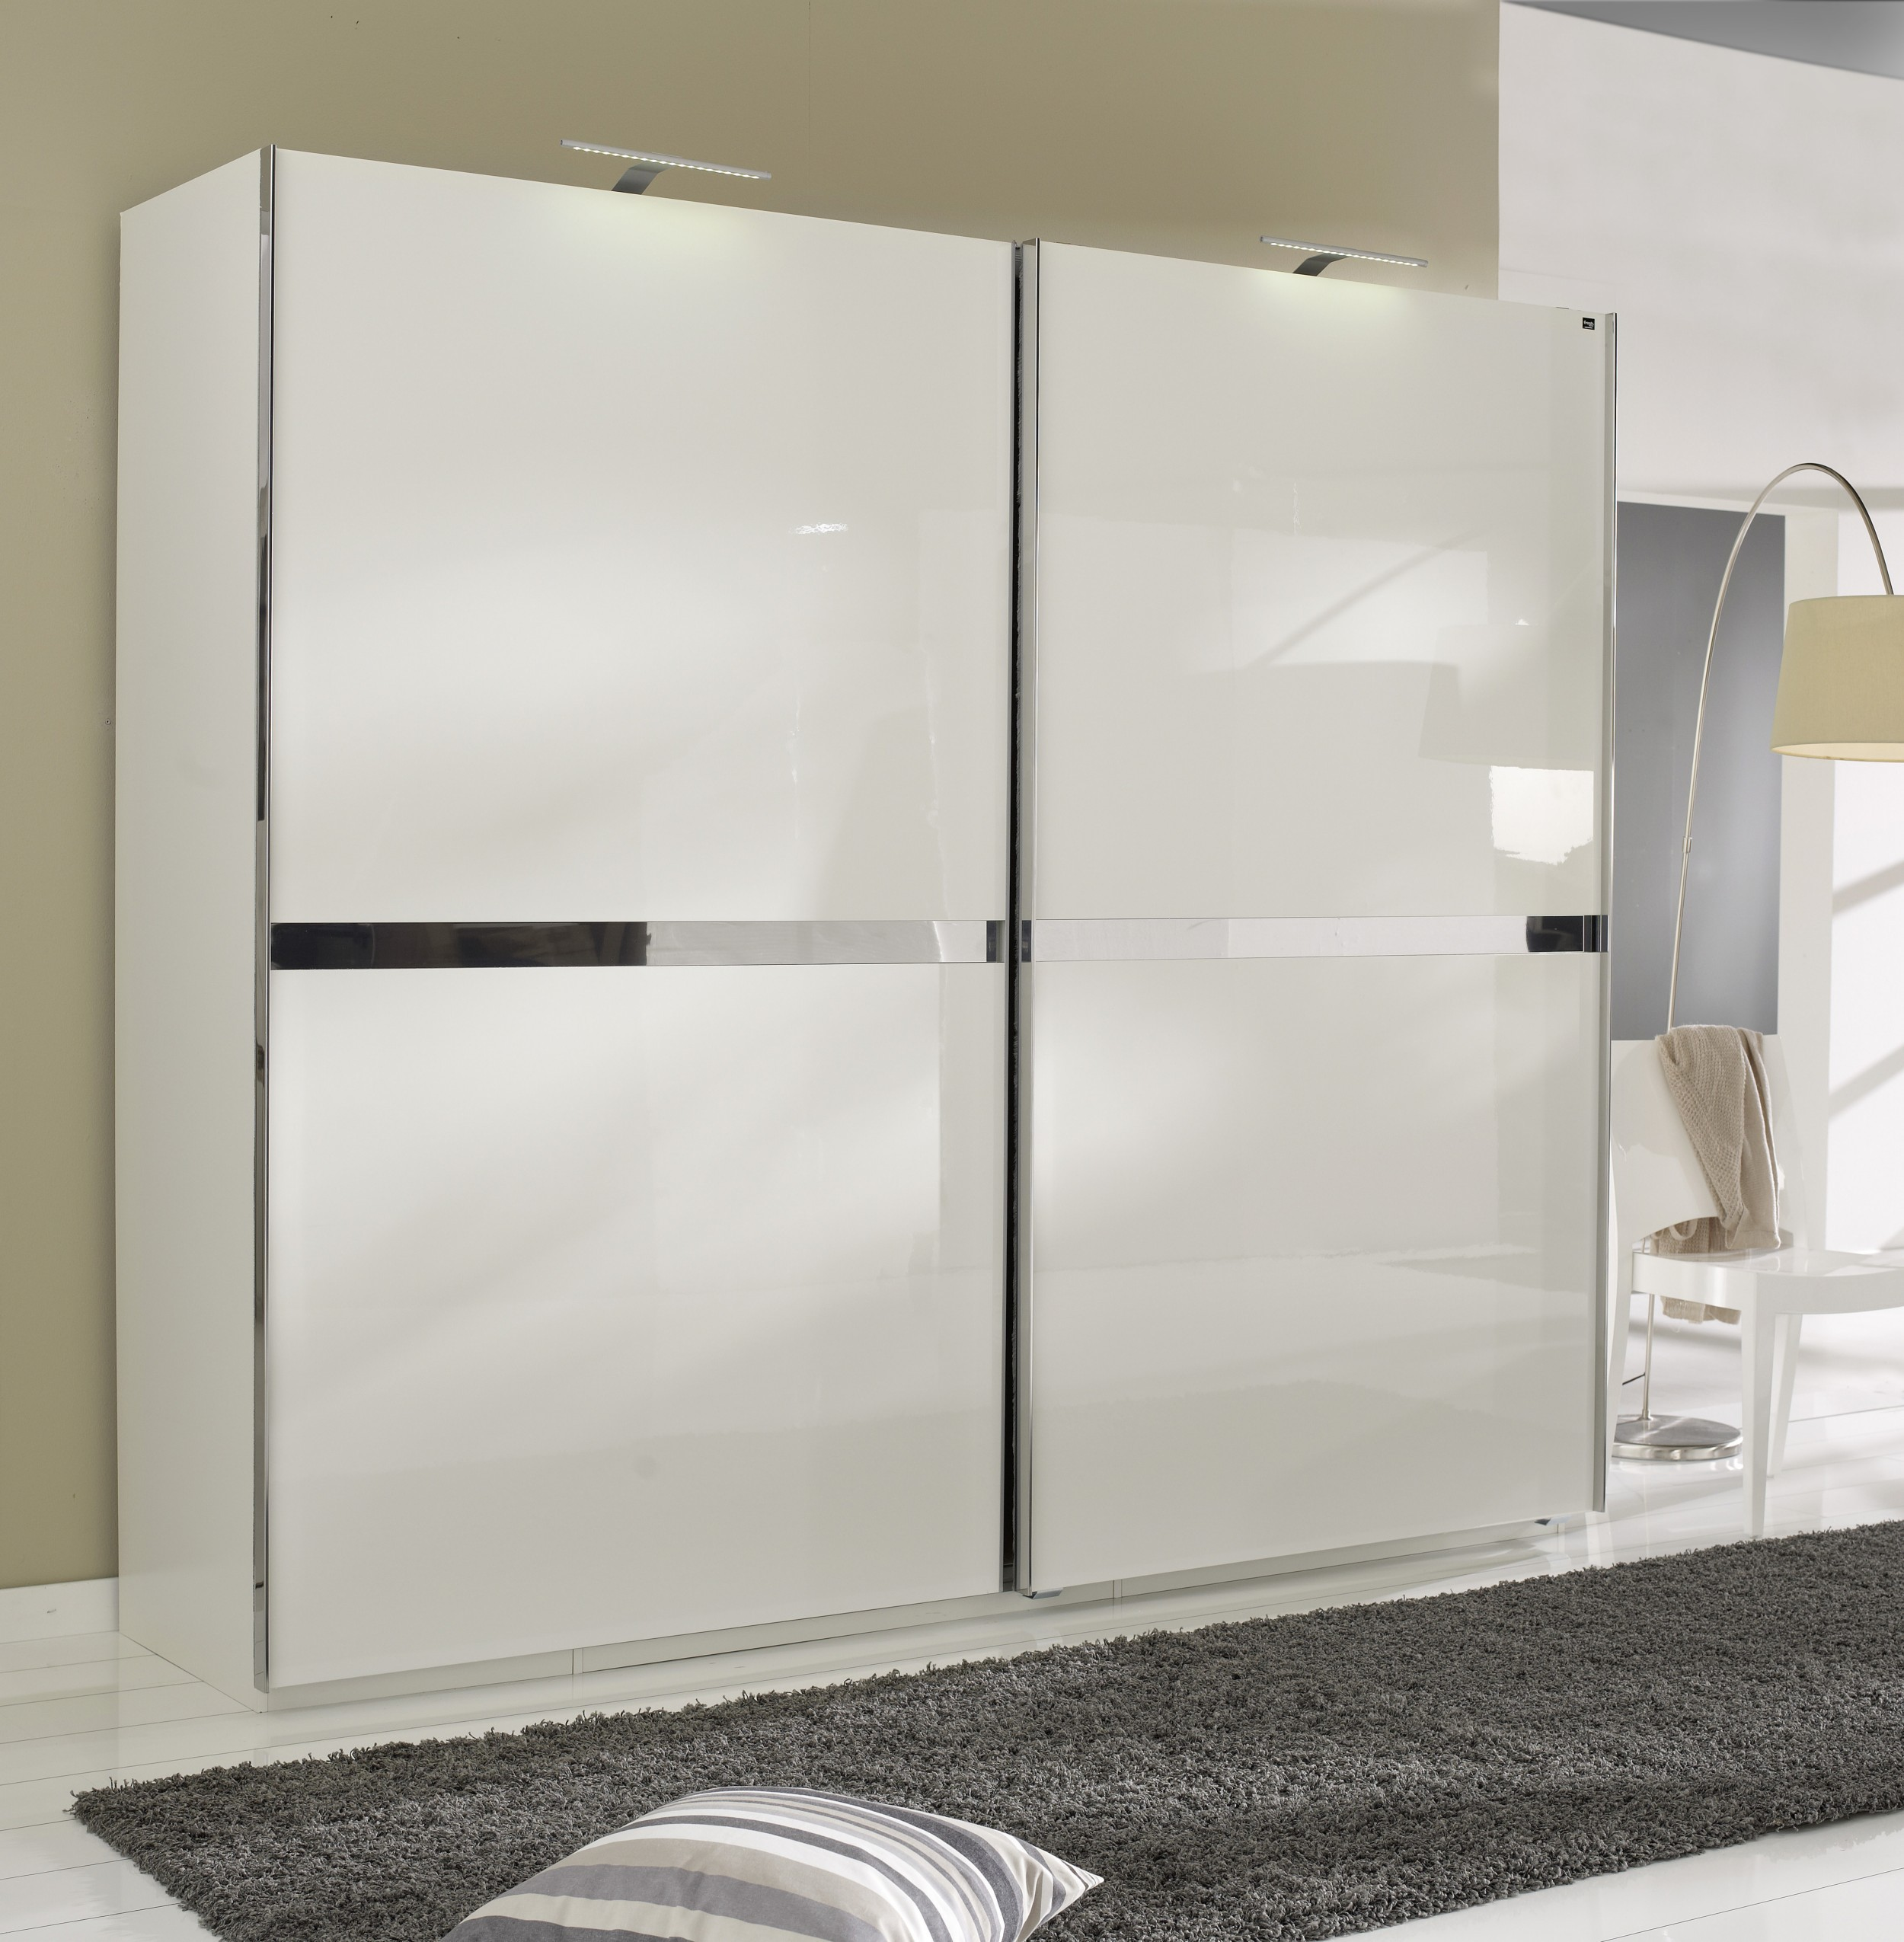 Шкаф-купе для спальни белый глянец - шкафы-купе, заказать ил.